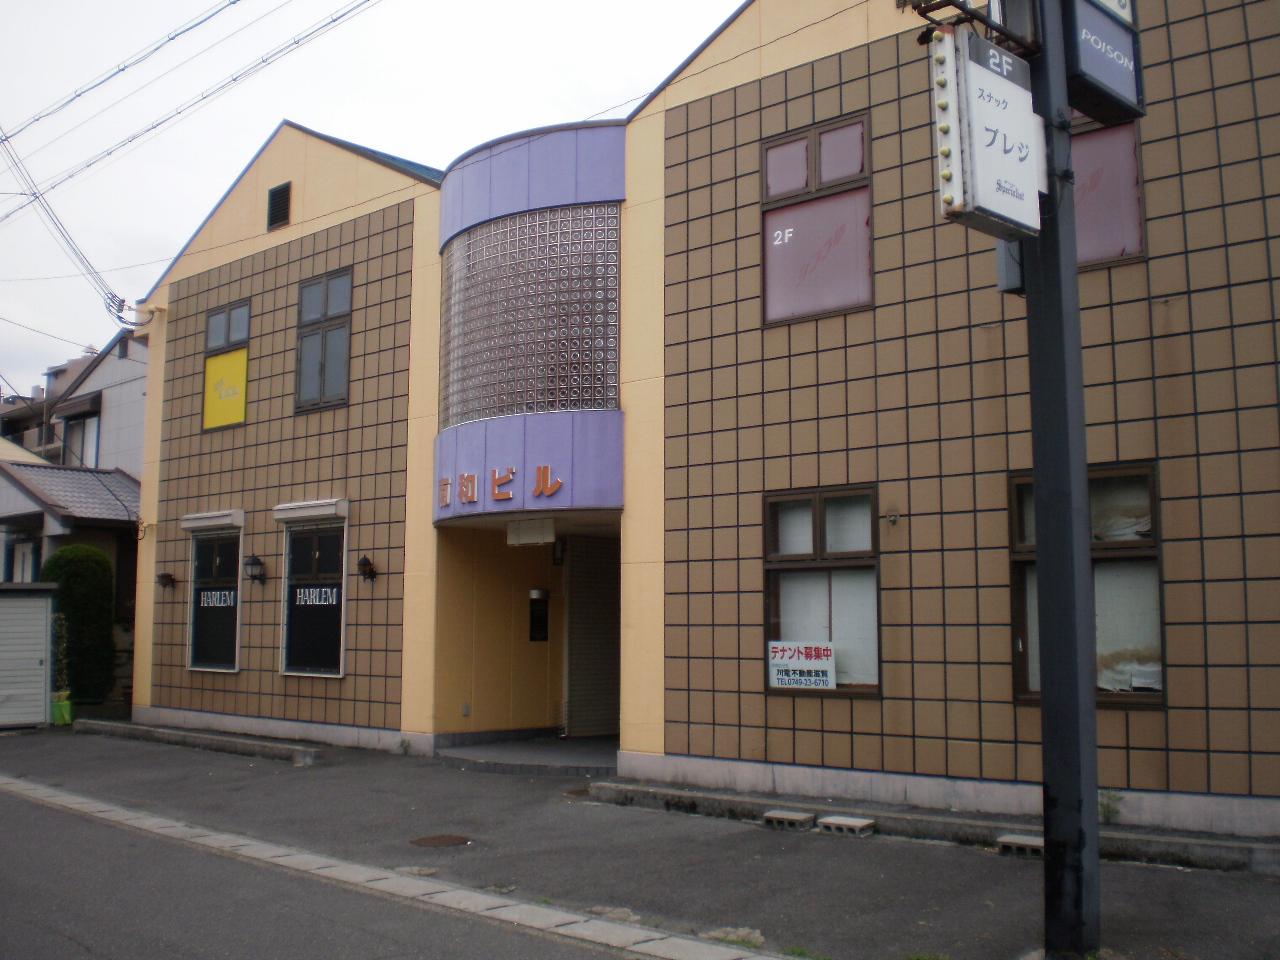 近江八幡市 JR近江八幡駅徒歩13分 2F約10坪飲食店居抜き店舗